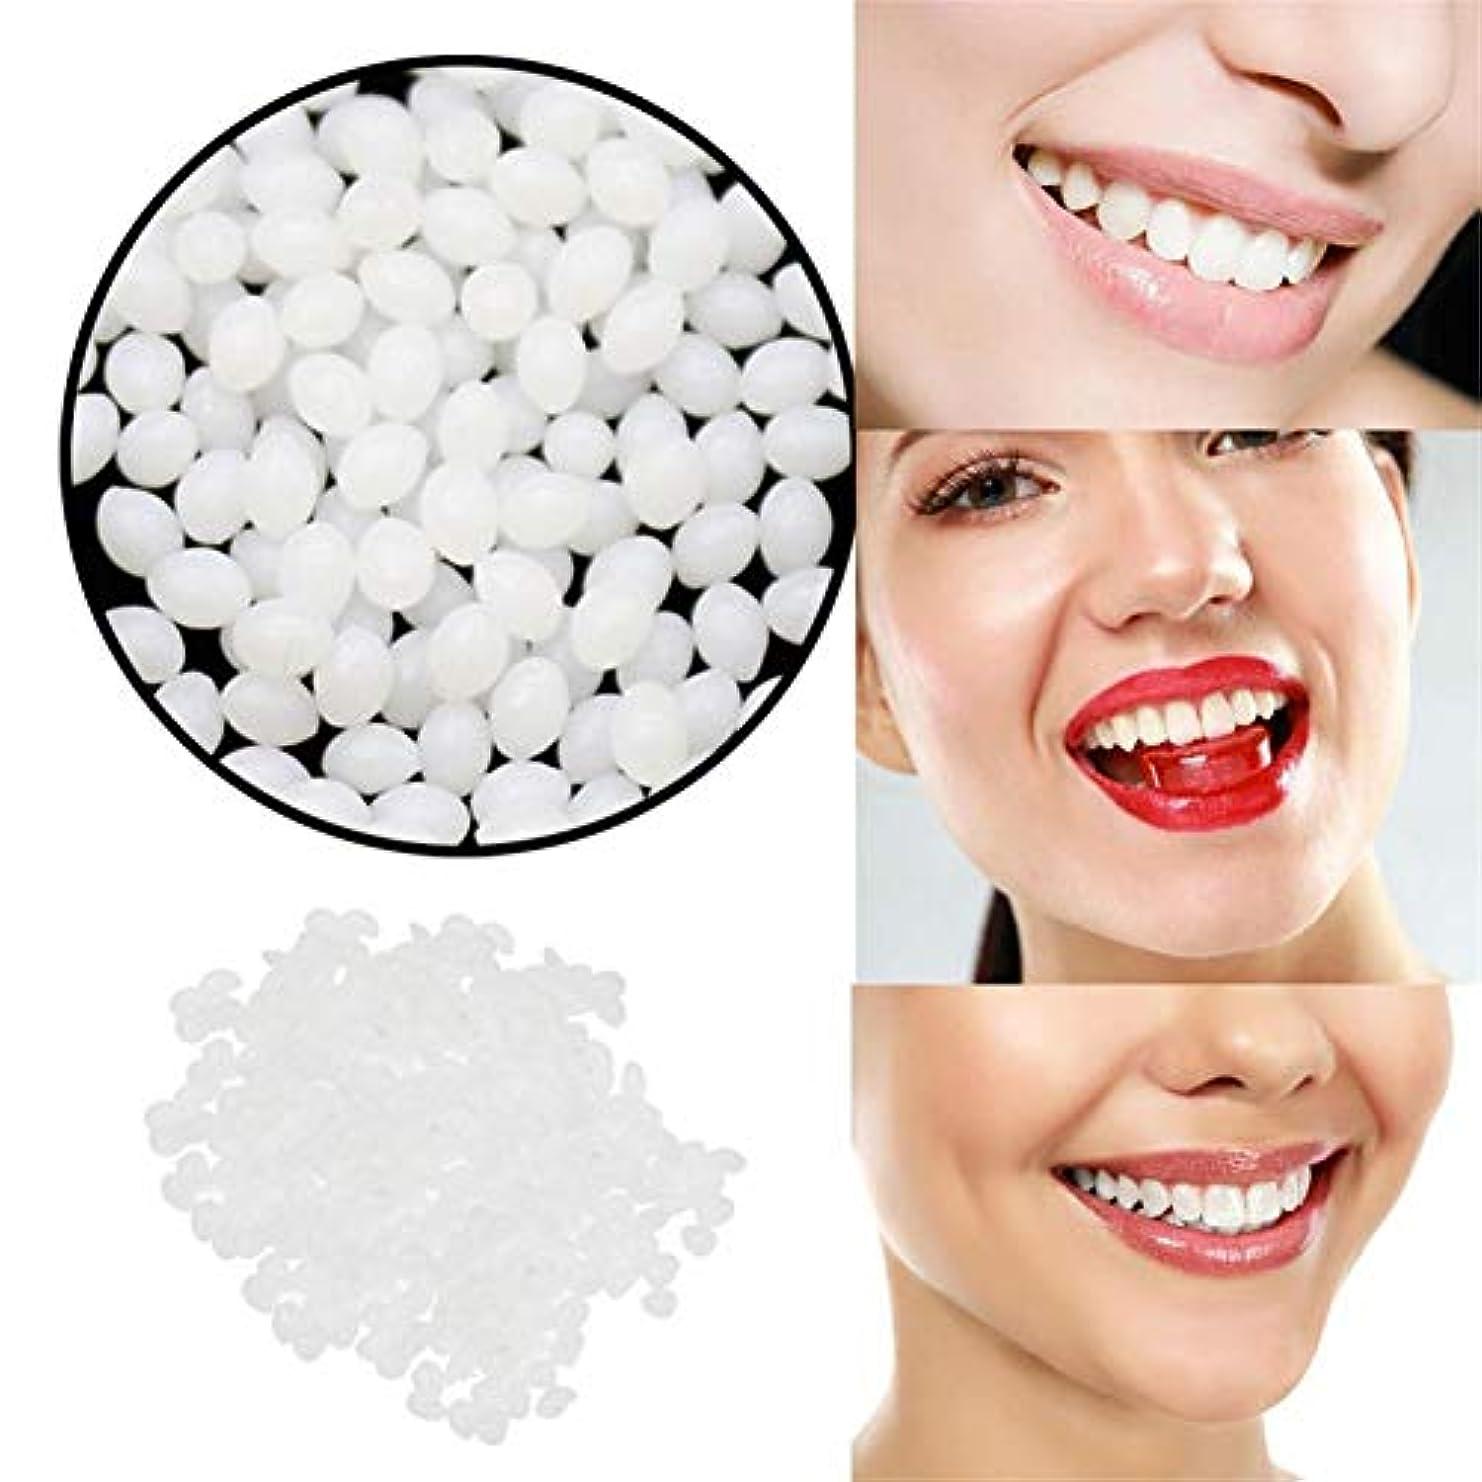 摂氏度不健全大きさ10ML歯修復キット、歯の隙間を直すSolid Glue 仮化粧品義歯接着剤 歯を補完するため